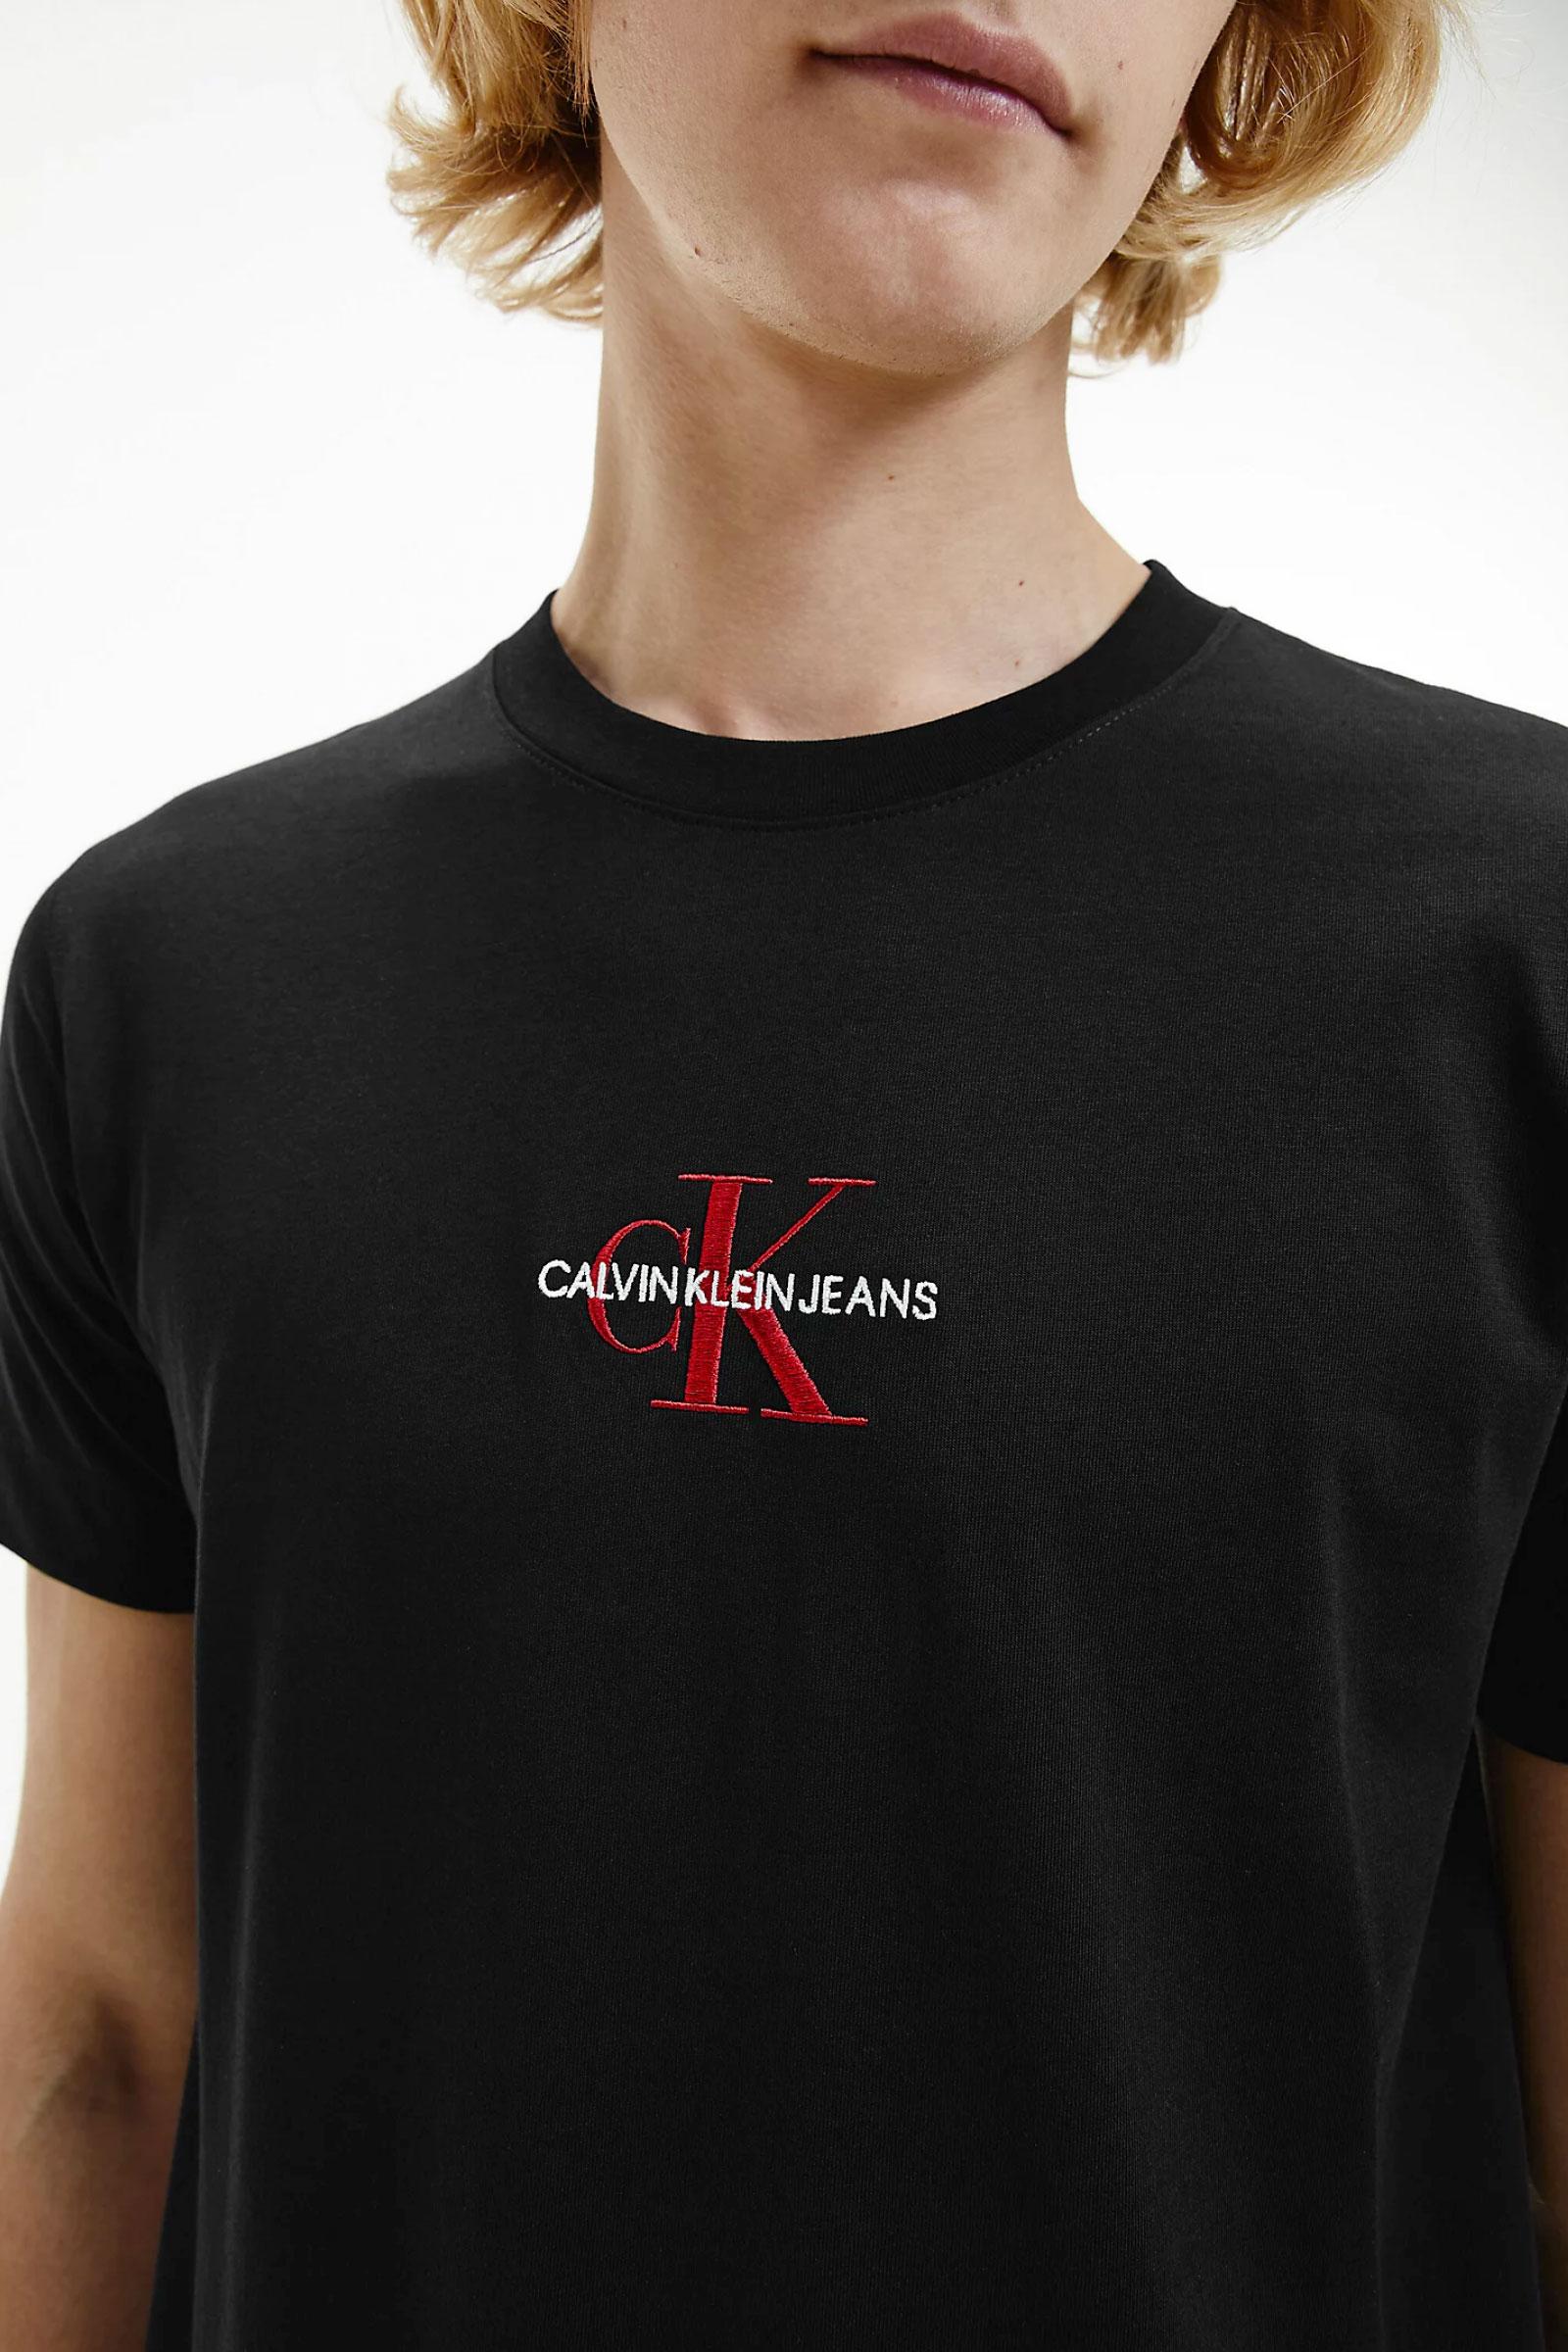 CALVIN KLEIN JEANS   T-Shirt   J30J317092BEH